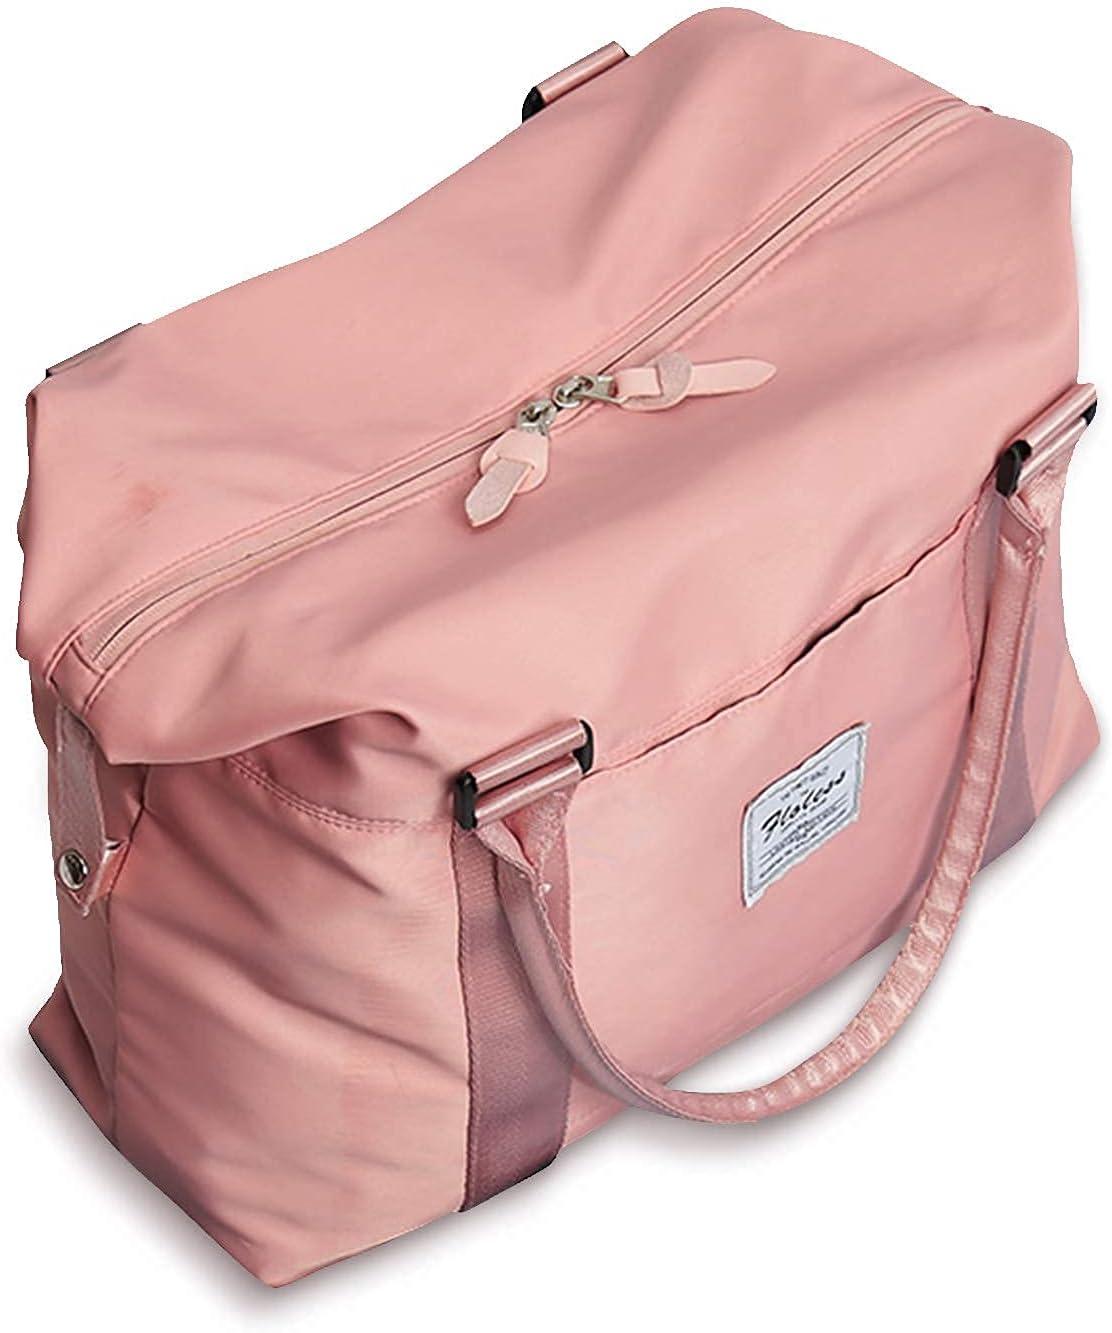 Bolsa de viaje para deportes, gimnasio, deportes, bolso de hombro, bolsa de fin de semana al aire libre, bolsa de viaje para computadora portátil de 15.6 pulgadas para mujer